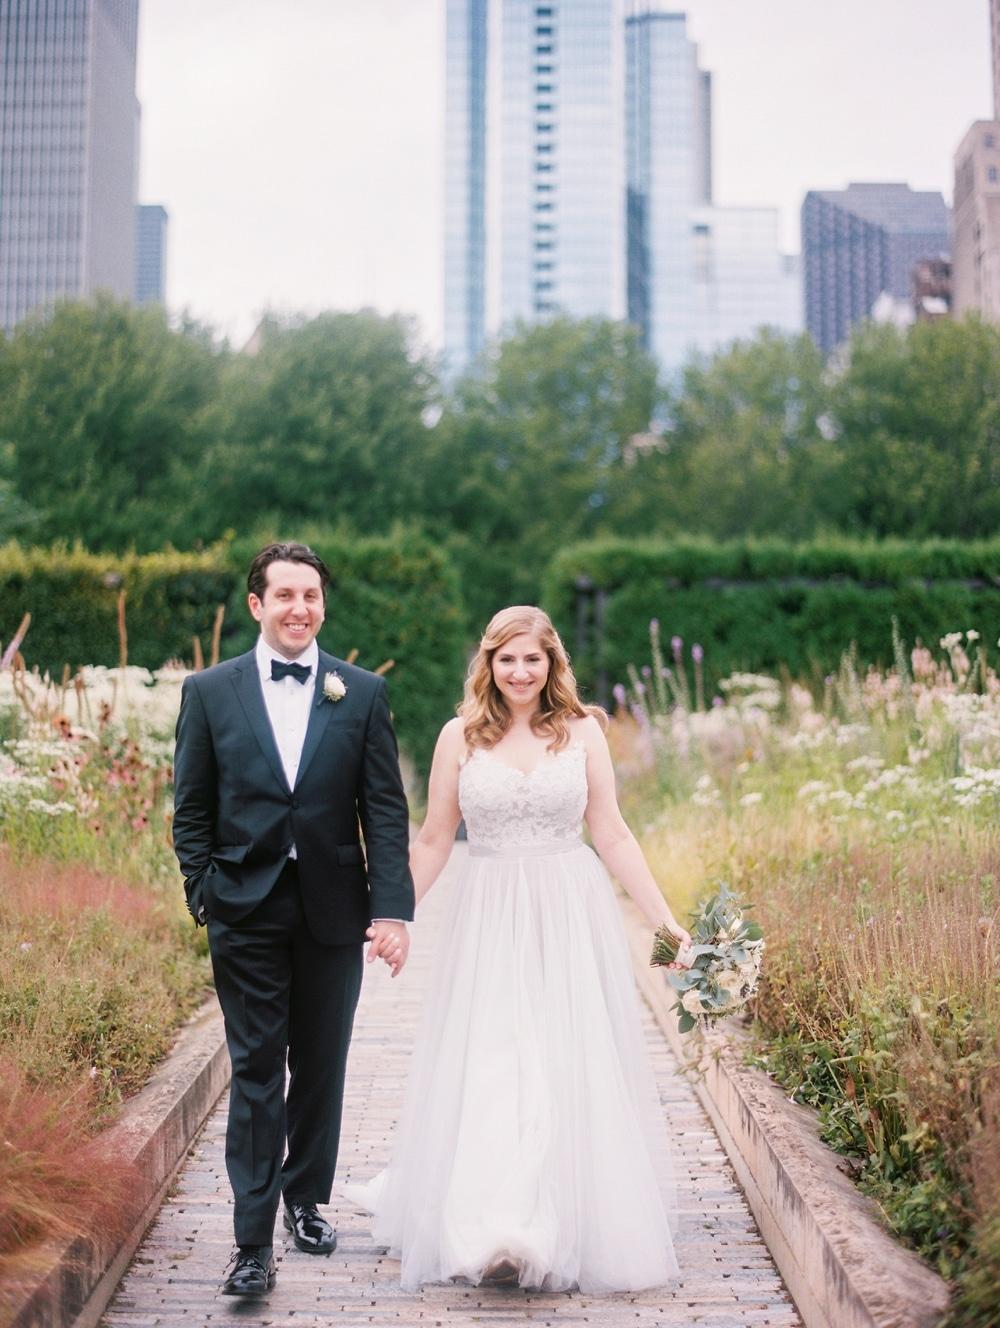 kristin-la-voie-photography-wyndham-grand-chicago-jewish-wedding-159